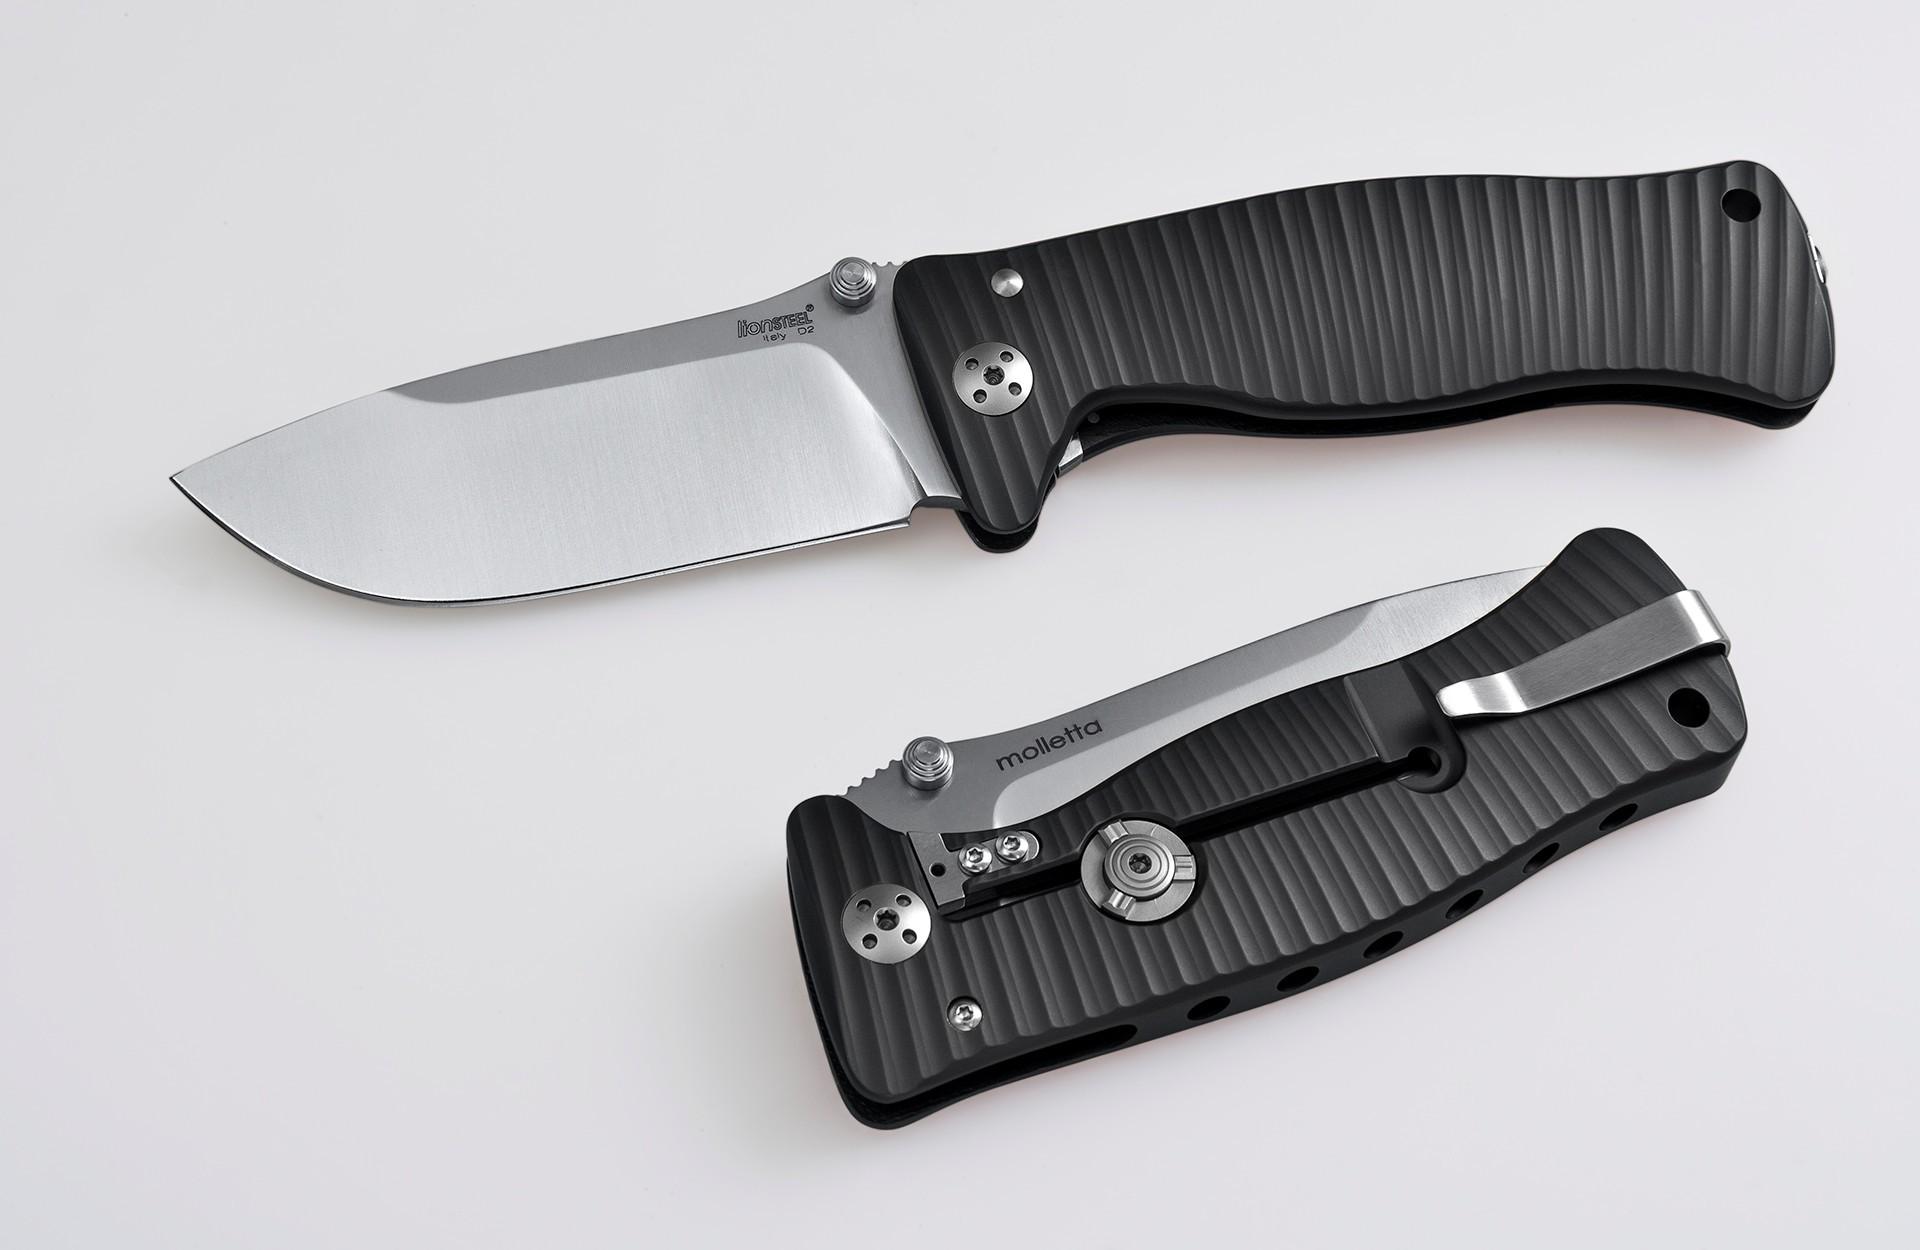 Фото 3 - Нож складной LionSteel SR1A BS, сталь D2, рукоять алюминий от Lion Steel